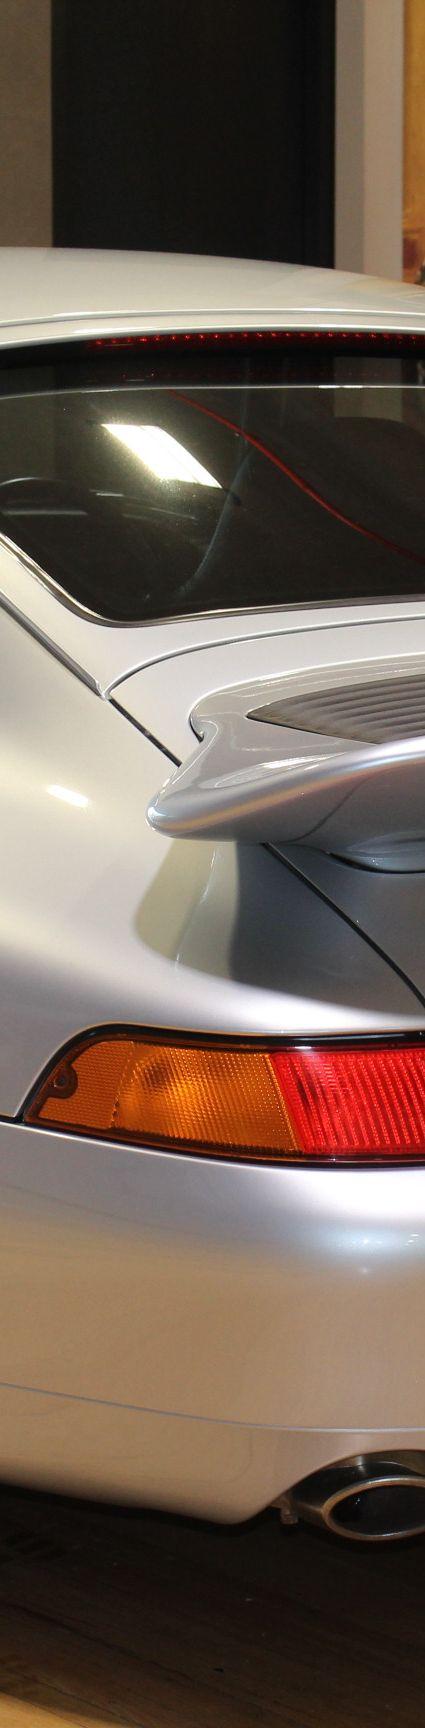 1996 Porsche 993 RS - for sale in Australia